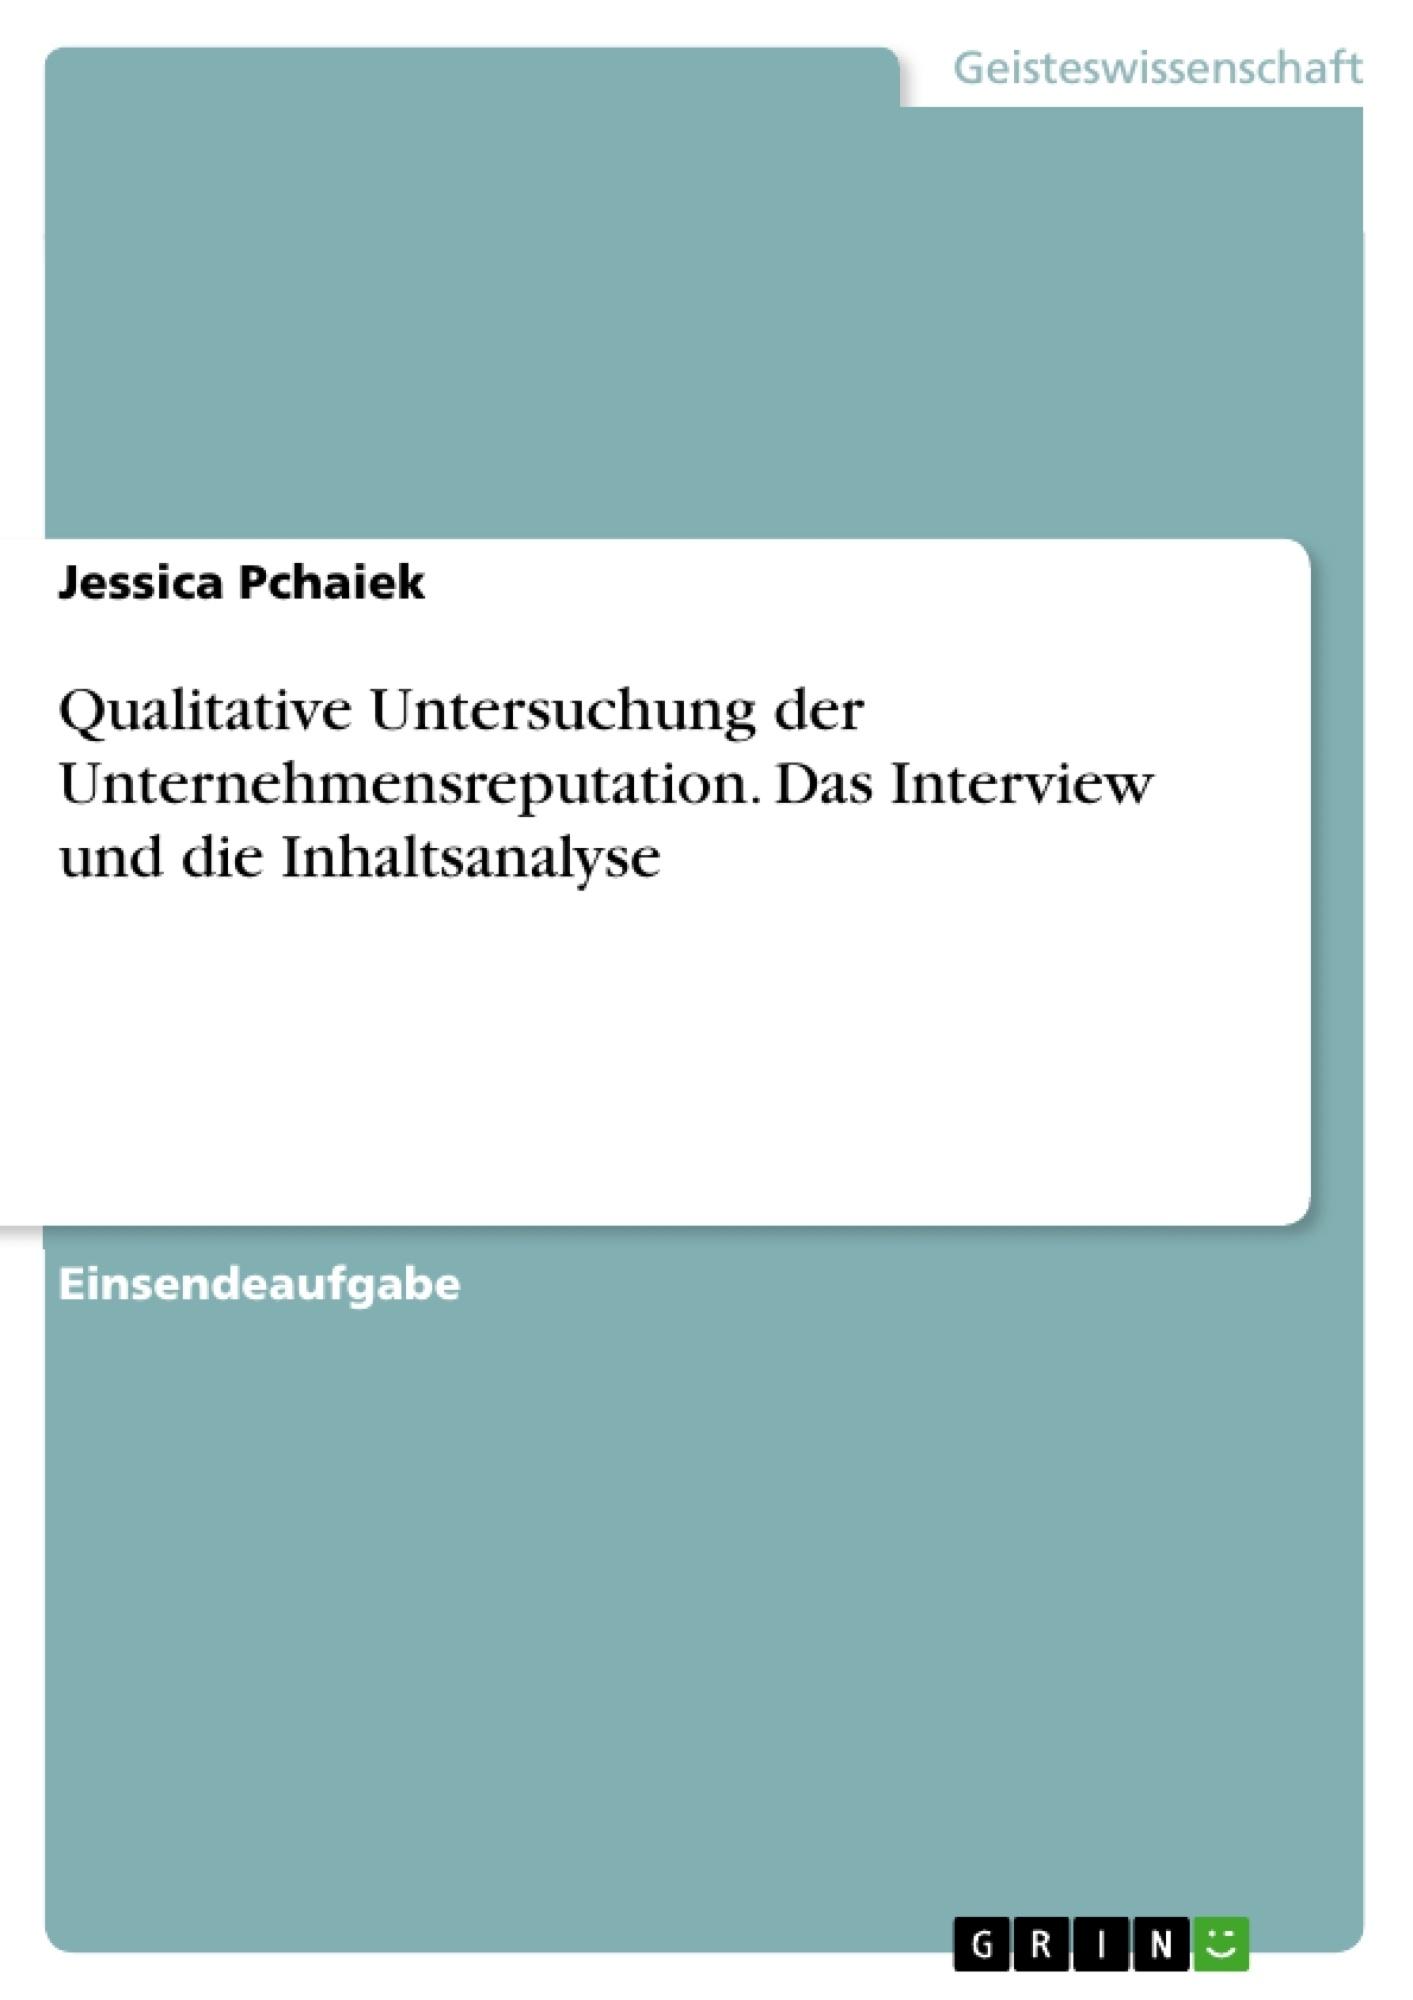 Titel: Qualitative Untersuchung der Unternehmensreputation. Das Interview und die Inhaltsanalyse